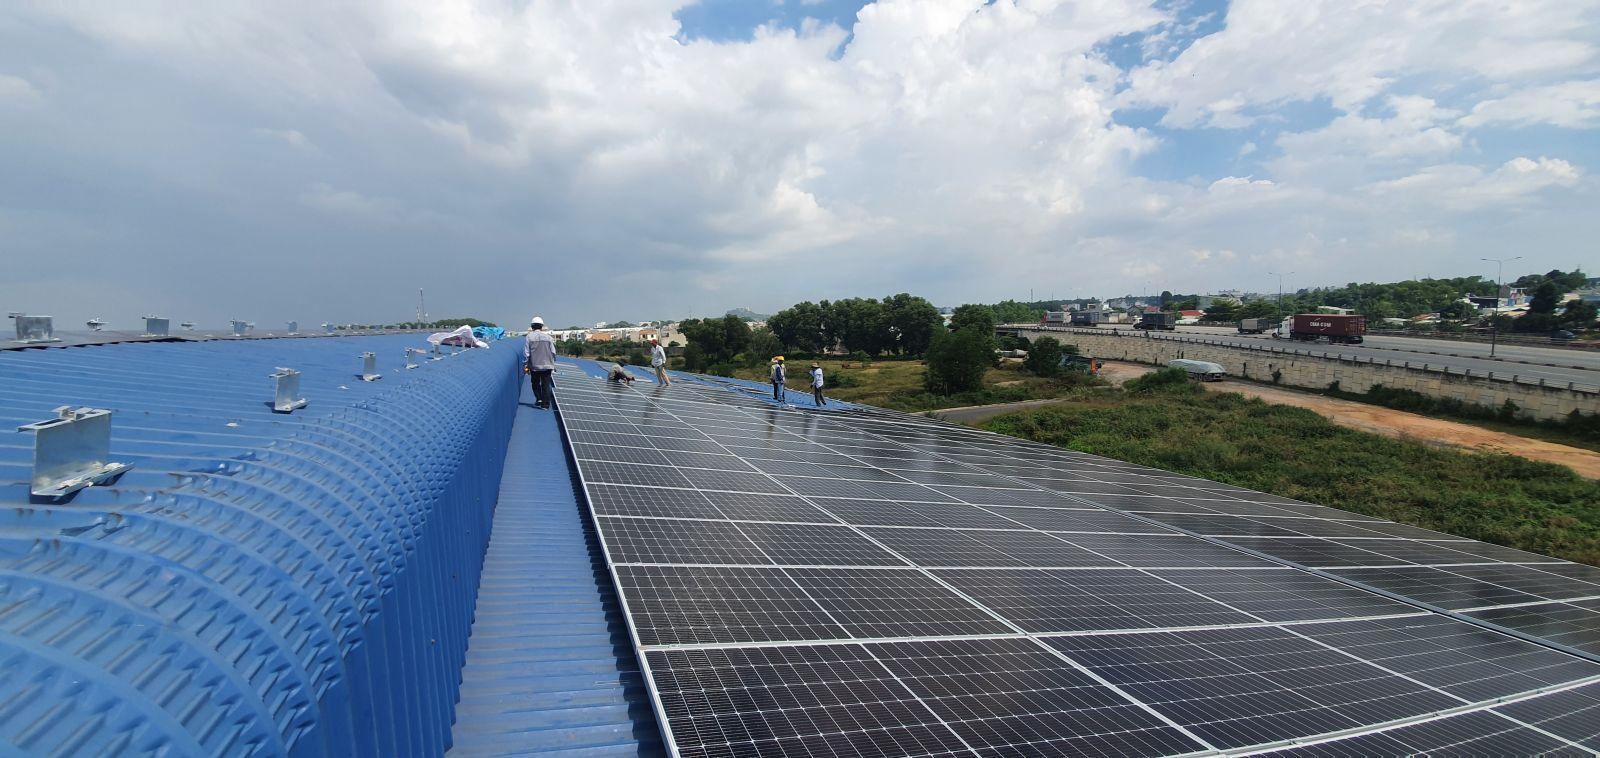 Giới thiệu dự án điện năng lượng mặt trời tại Kiên Lương -Kiên Giang